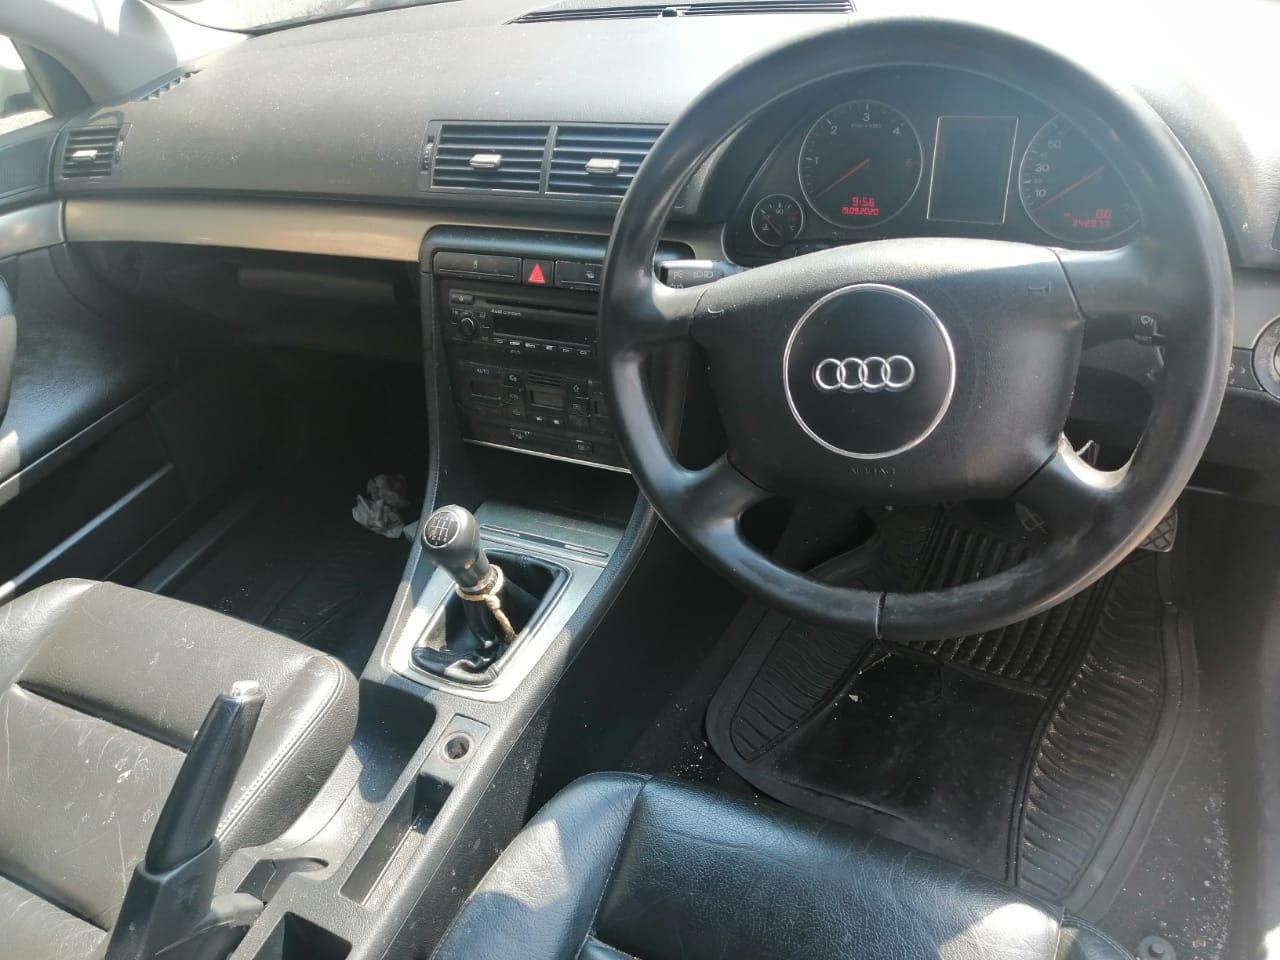 2004 Audi A4 2.0TFSI